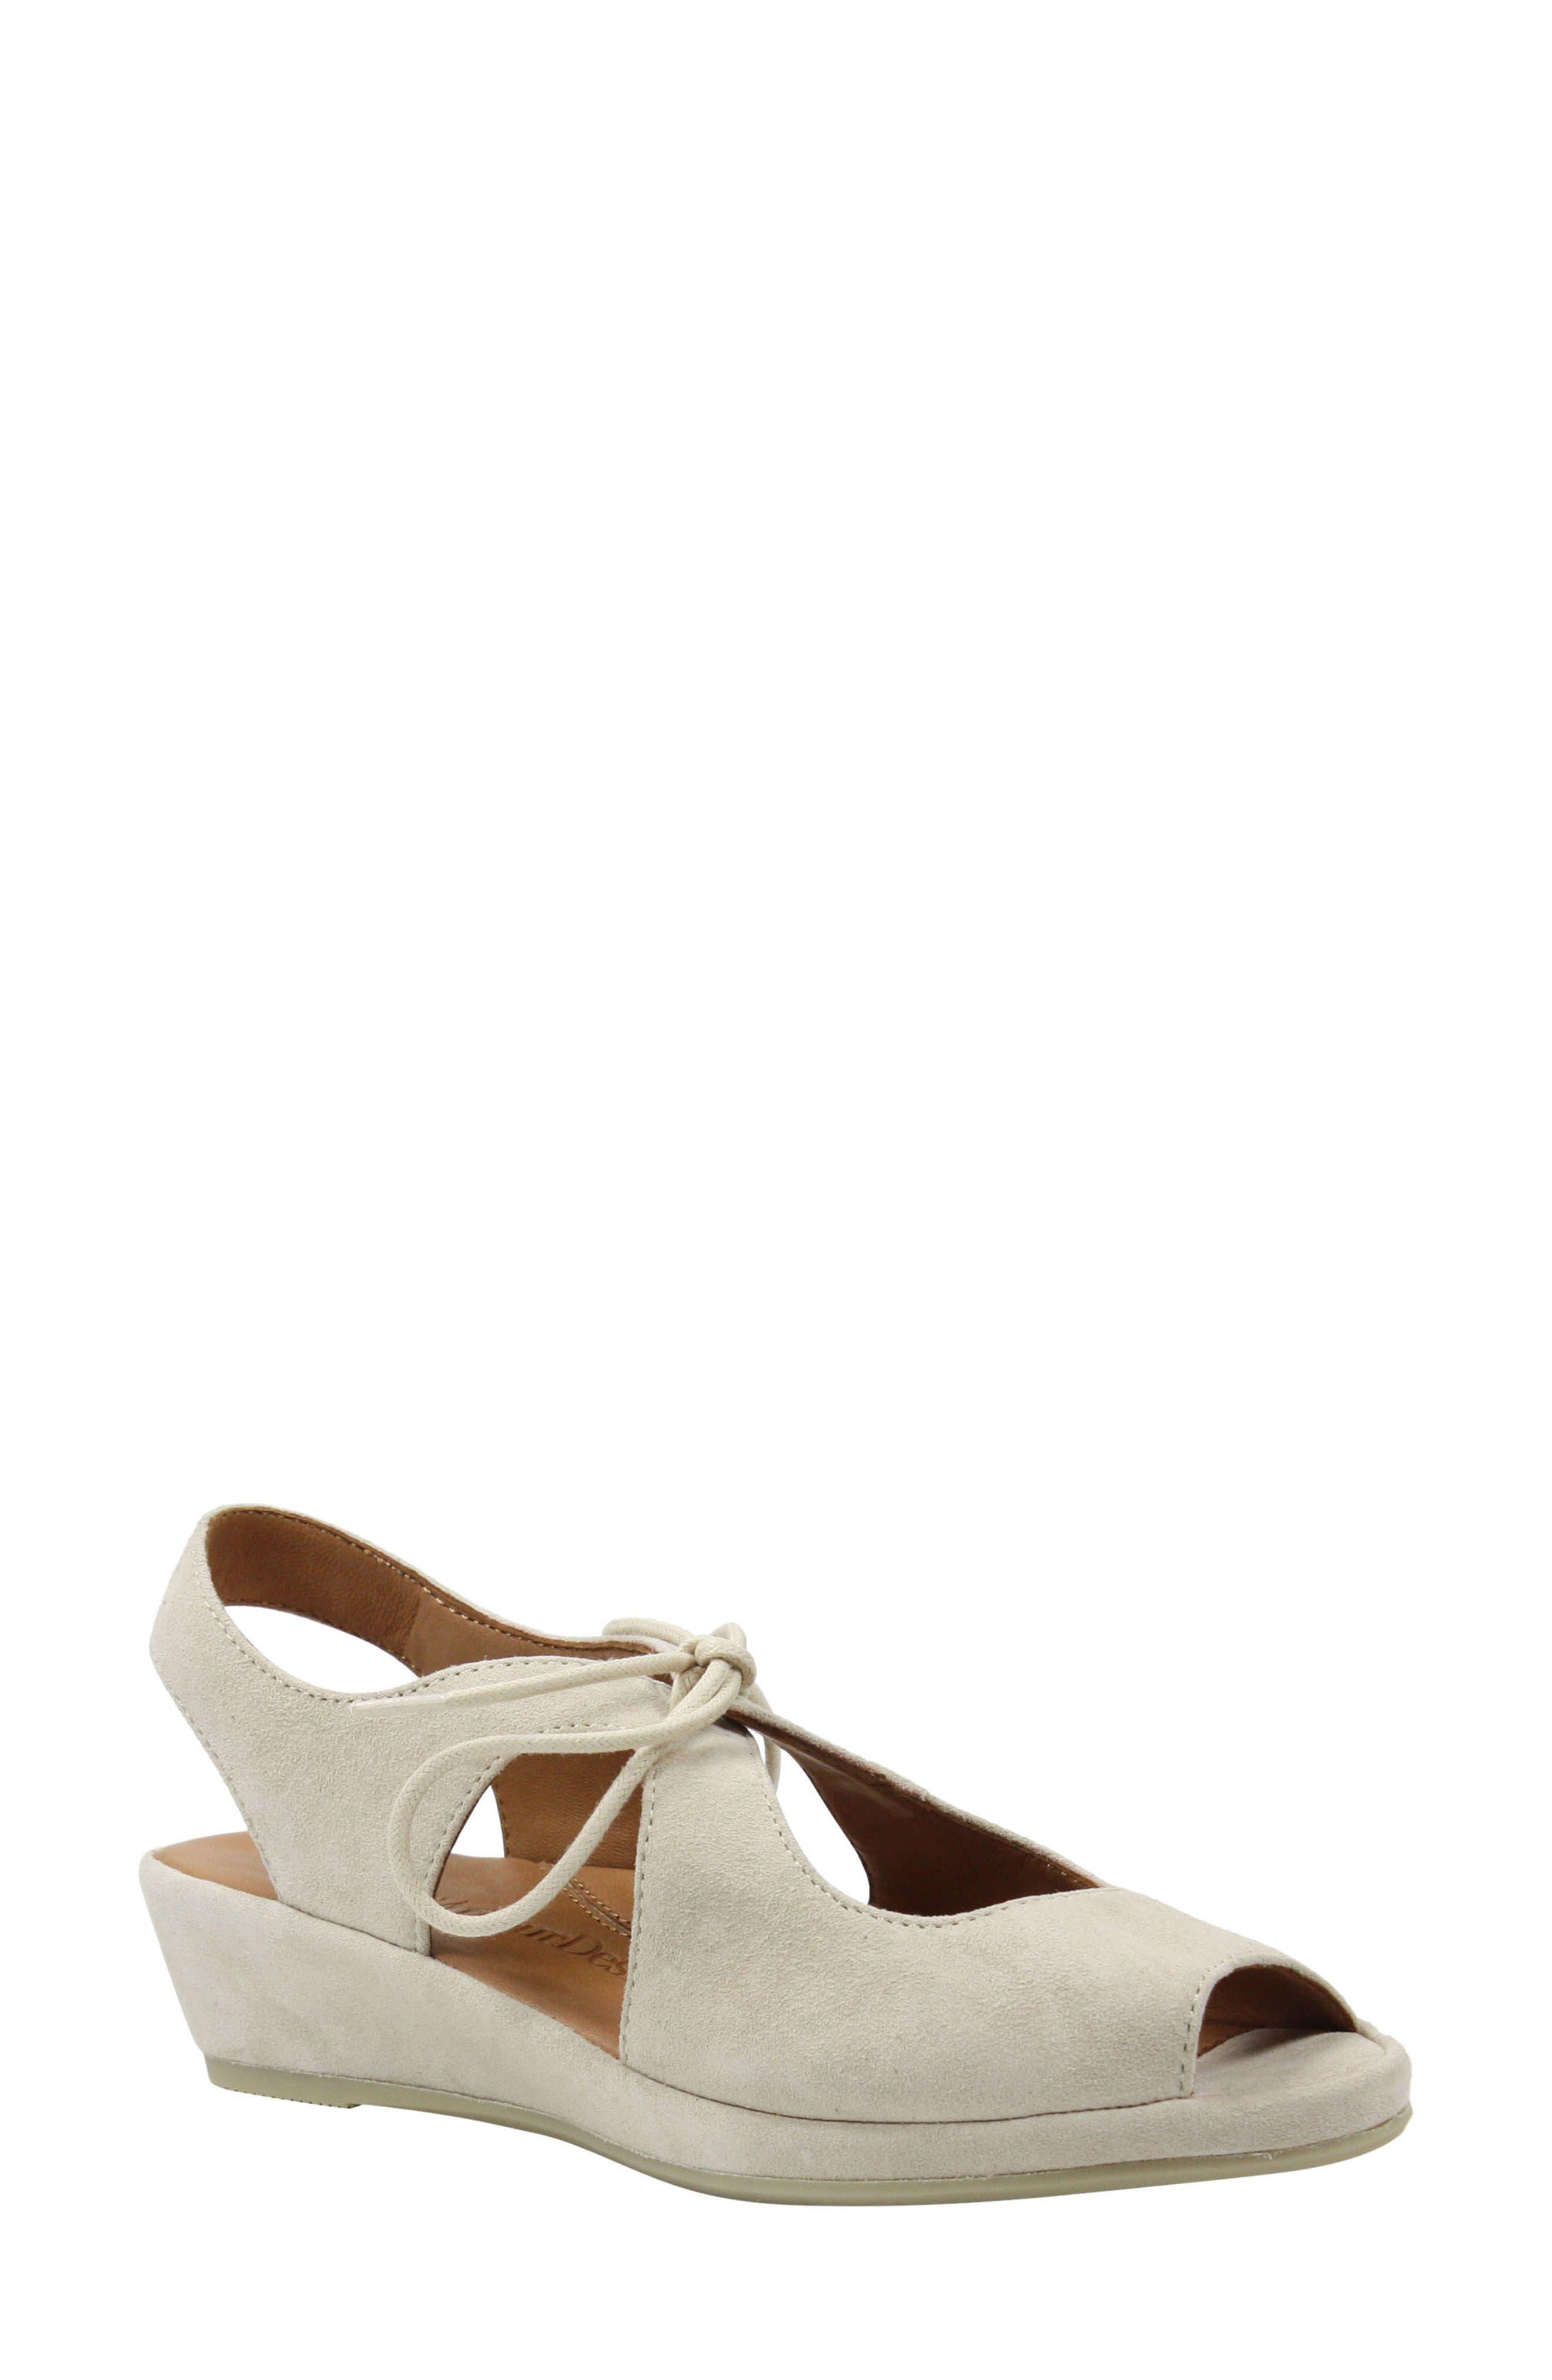 Vintage Sandal History: Retro 1920s to 1970s Sandals Womens LAmour Des Pieds Brettany Sandal Size 9 M - Beige $119.90 AT vintagedancer.com